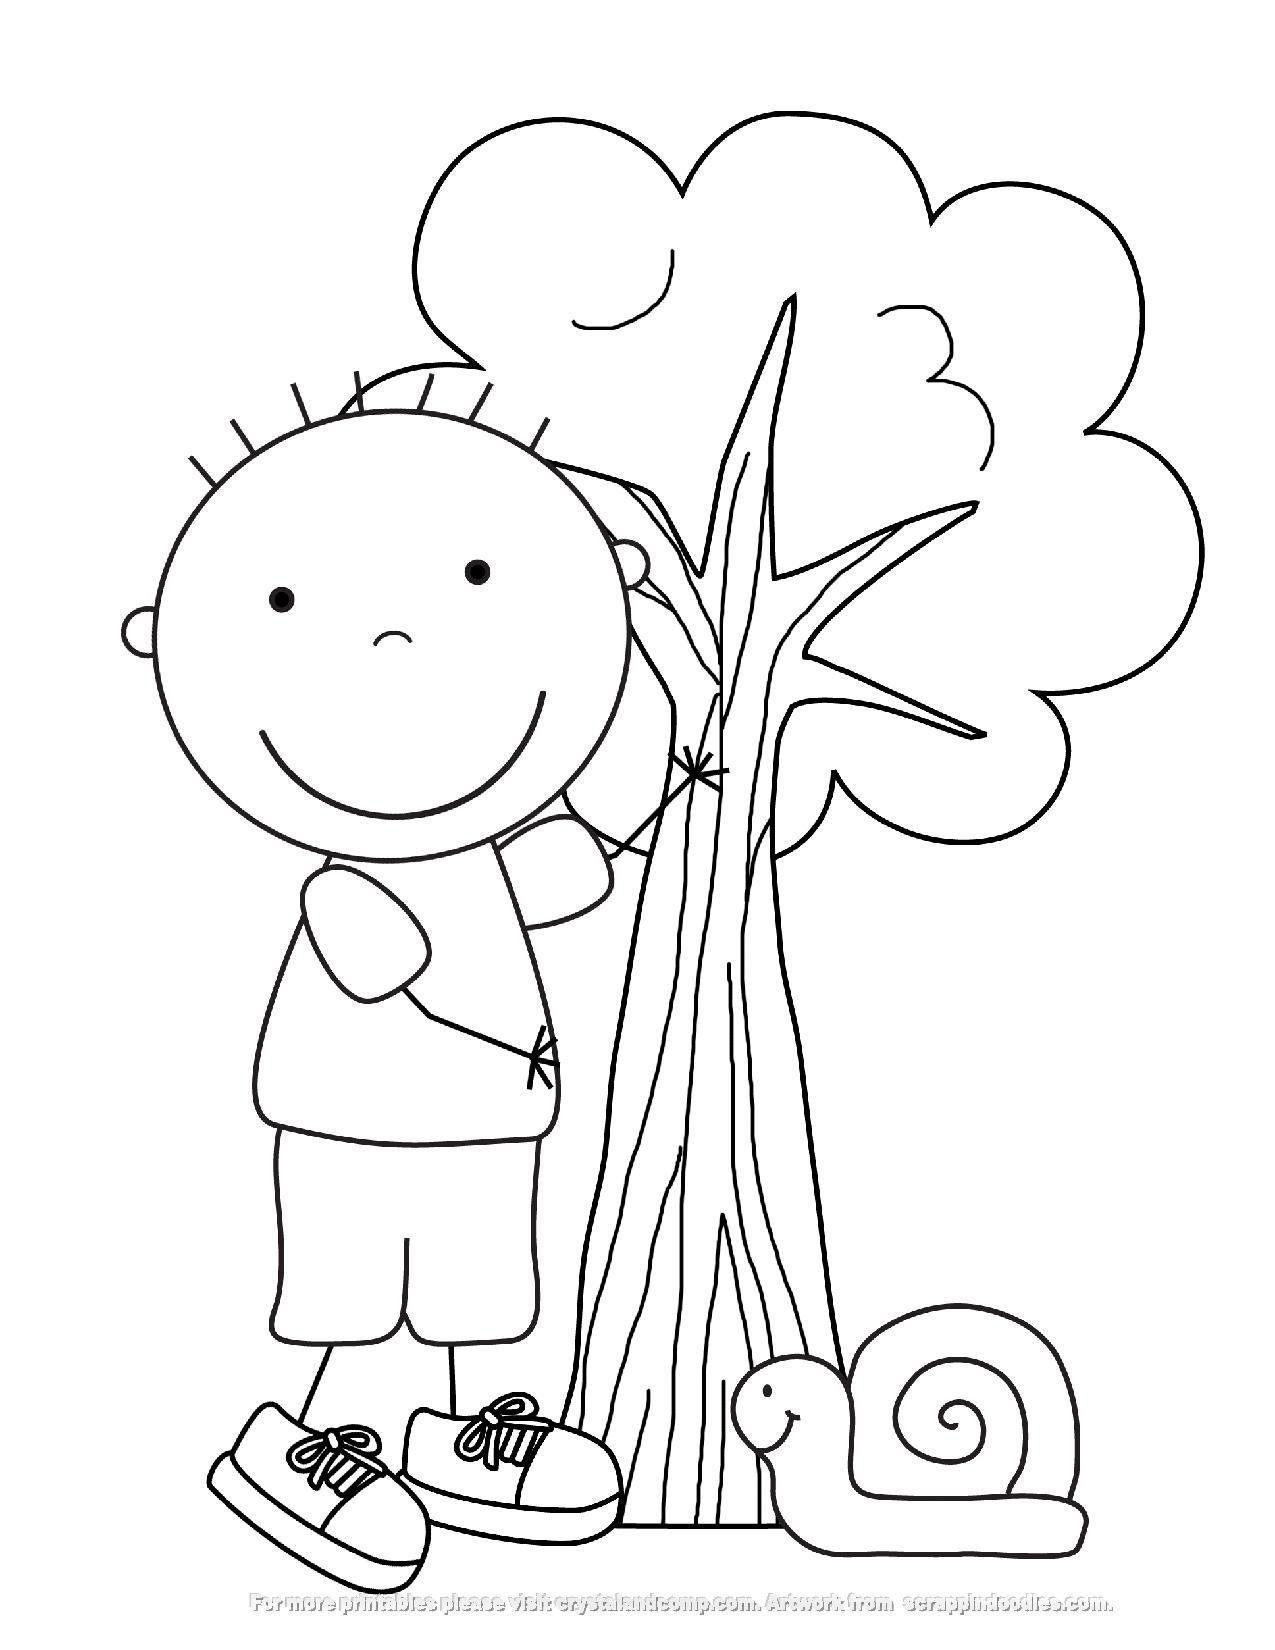 chlapec 5 | Deň ZEME. | Pinterest | Colorear, La tierra y Dibujos ...